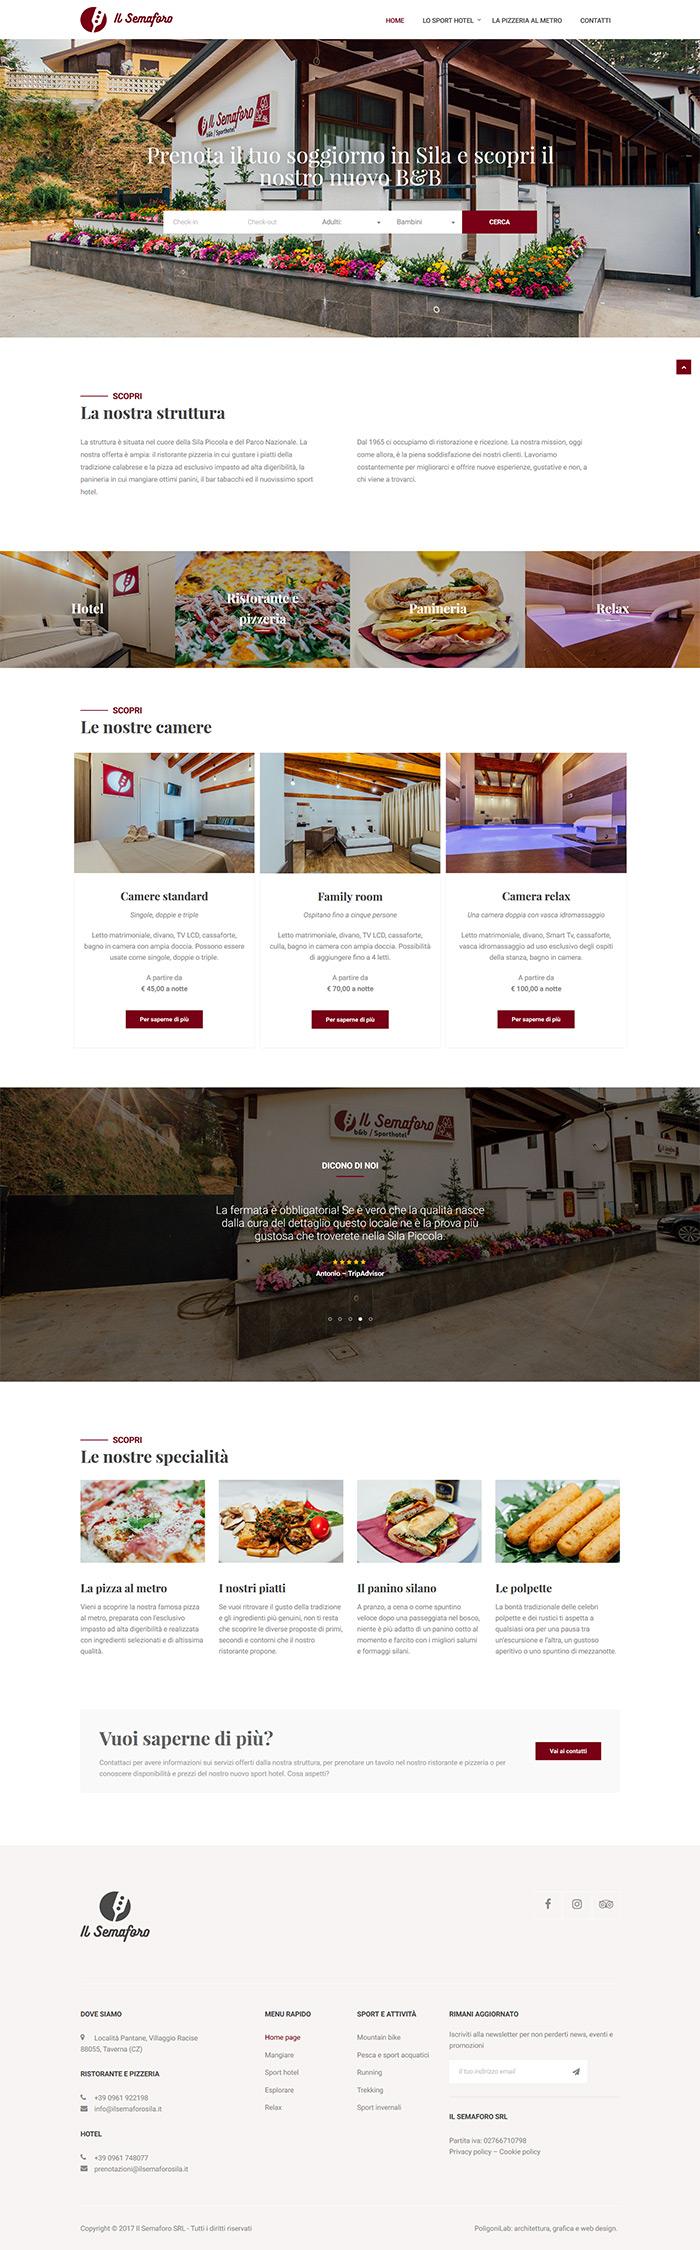 il semaforo bed and breakfast creazione sito web con sistema di prenotazione camere